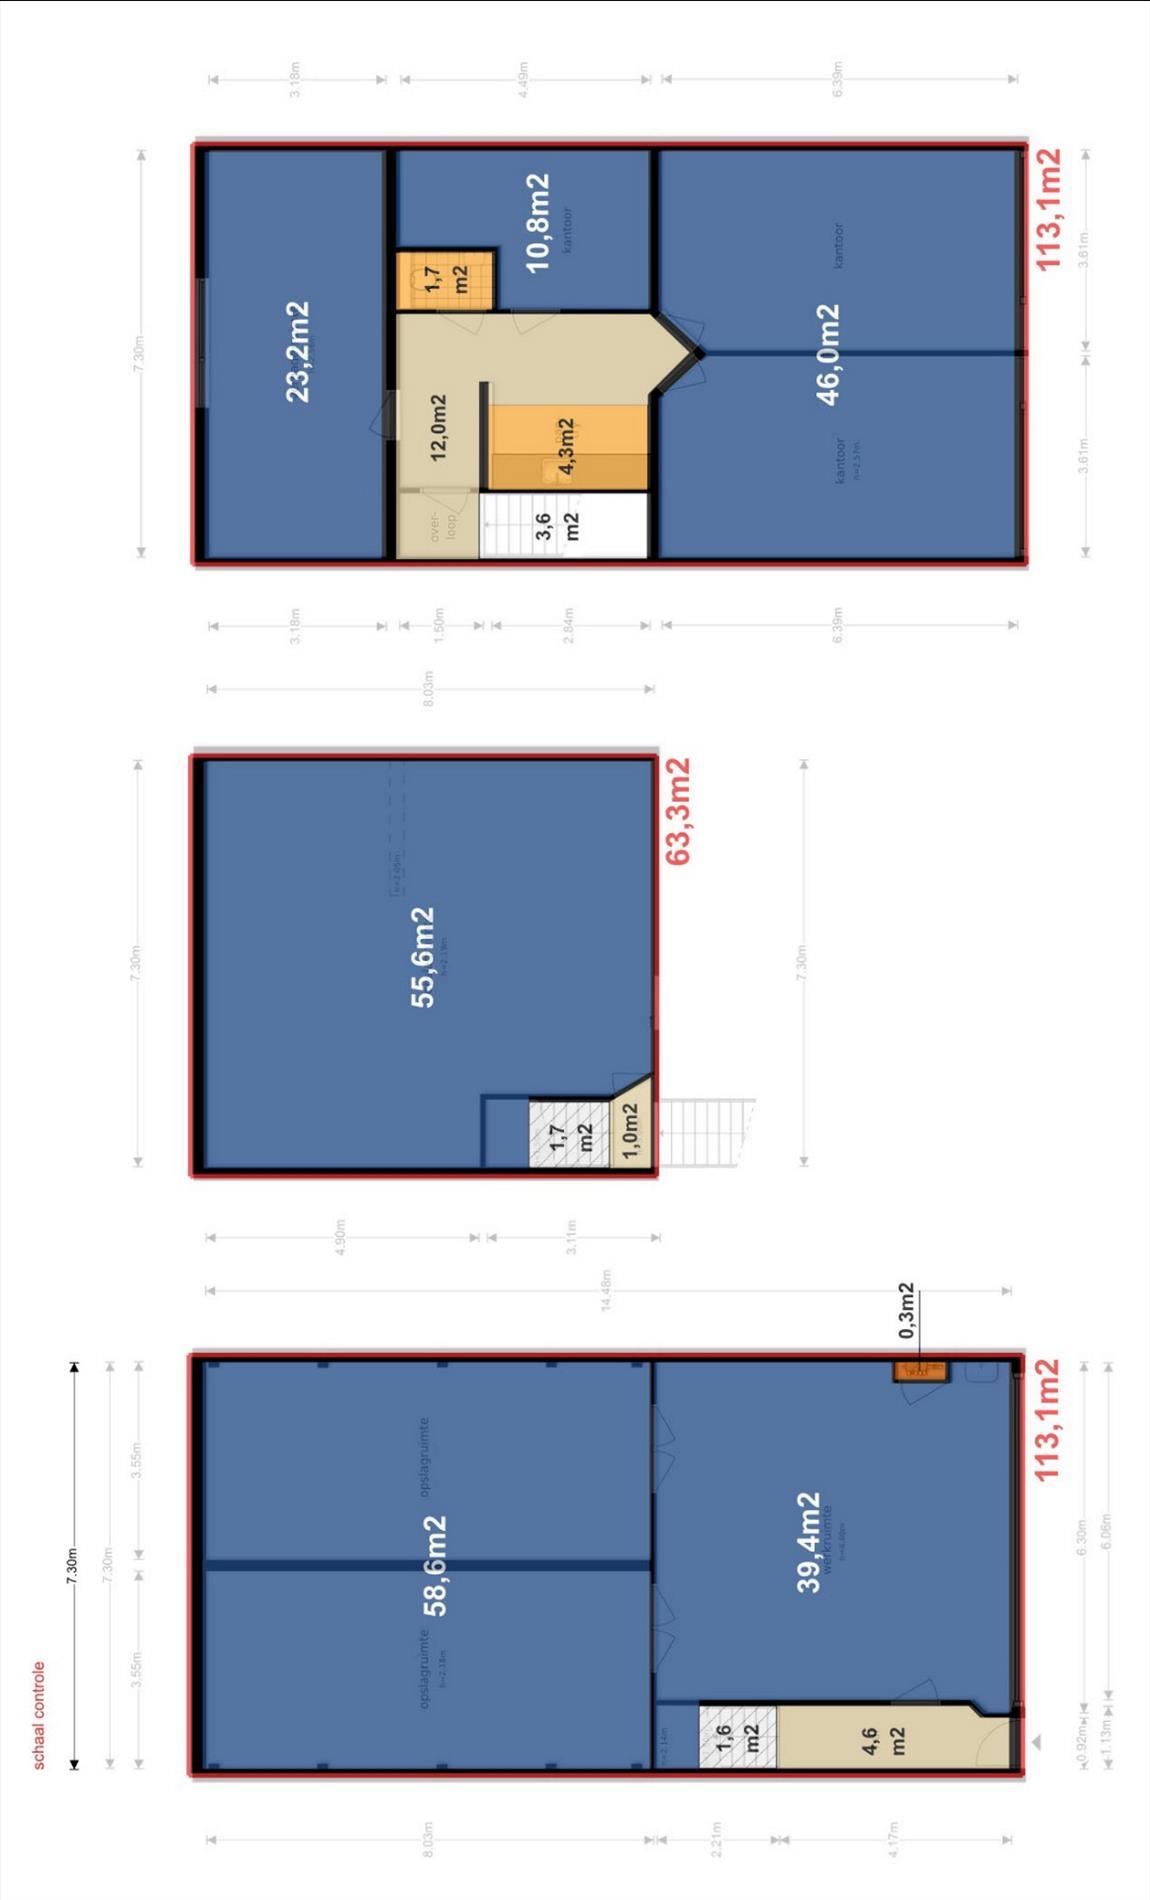 Floorplan - Aziëlaan 7d, 7681 NC Vroomshoop